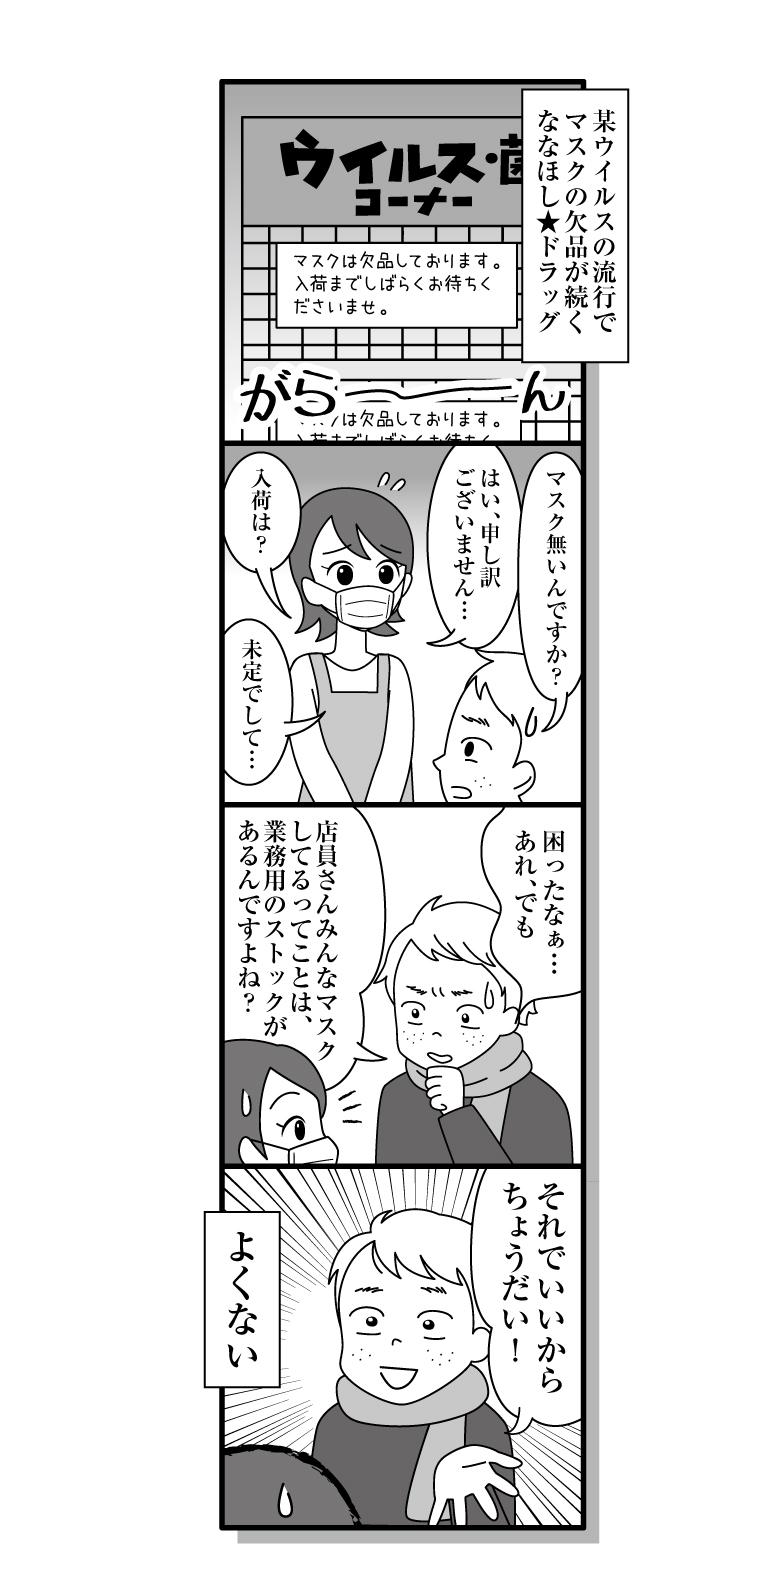 200208_manga